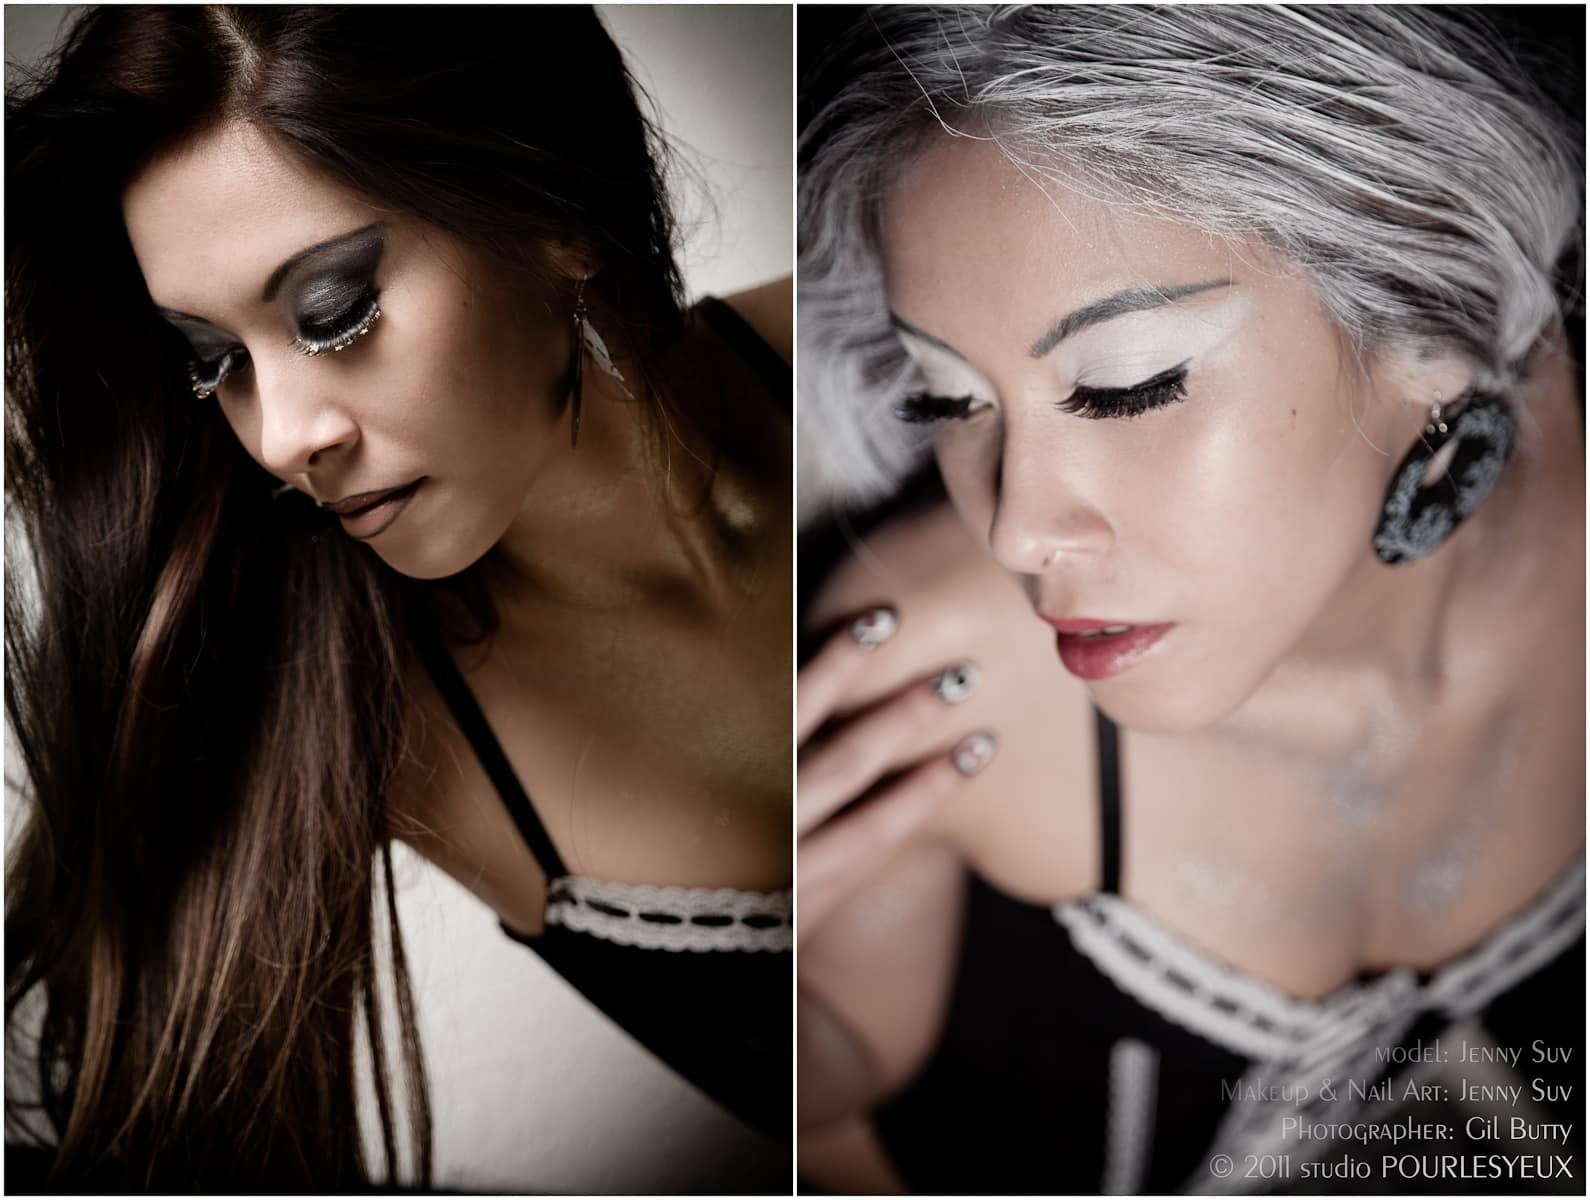 jenny suv comédienne modèle mannequin genève suisse maquilleuse coiffeuse maquillage lingerie